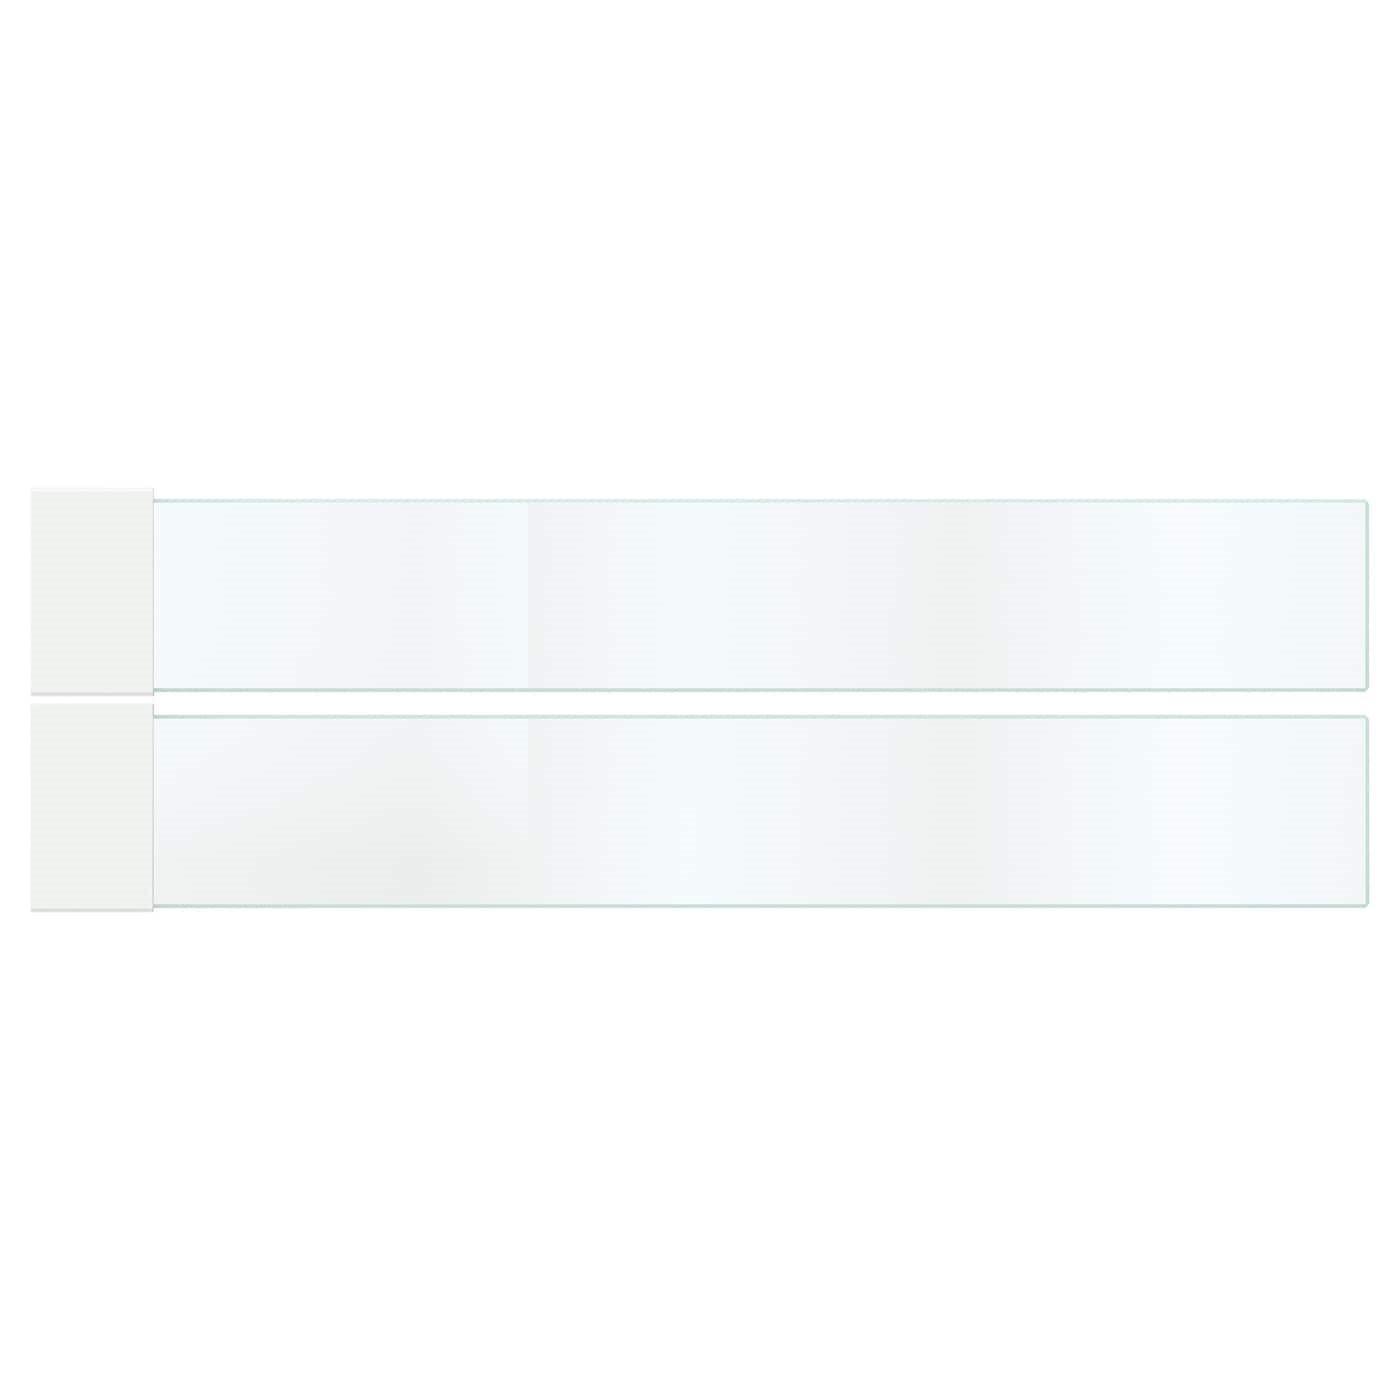 IKEA MAXIMERA МАКСИМЕРА Дополнит боковина д/ящика, средняя, стекло, 37 см 70238862